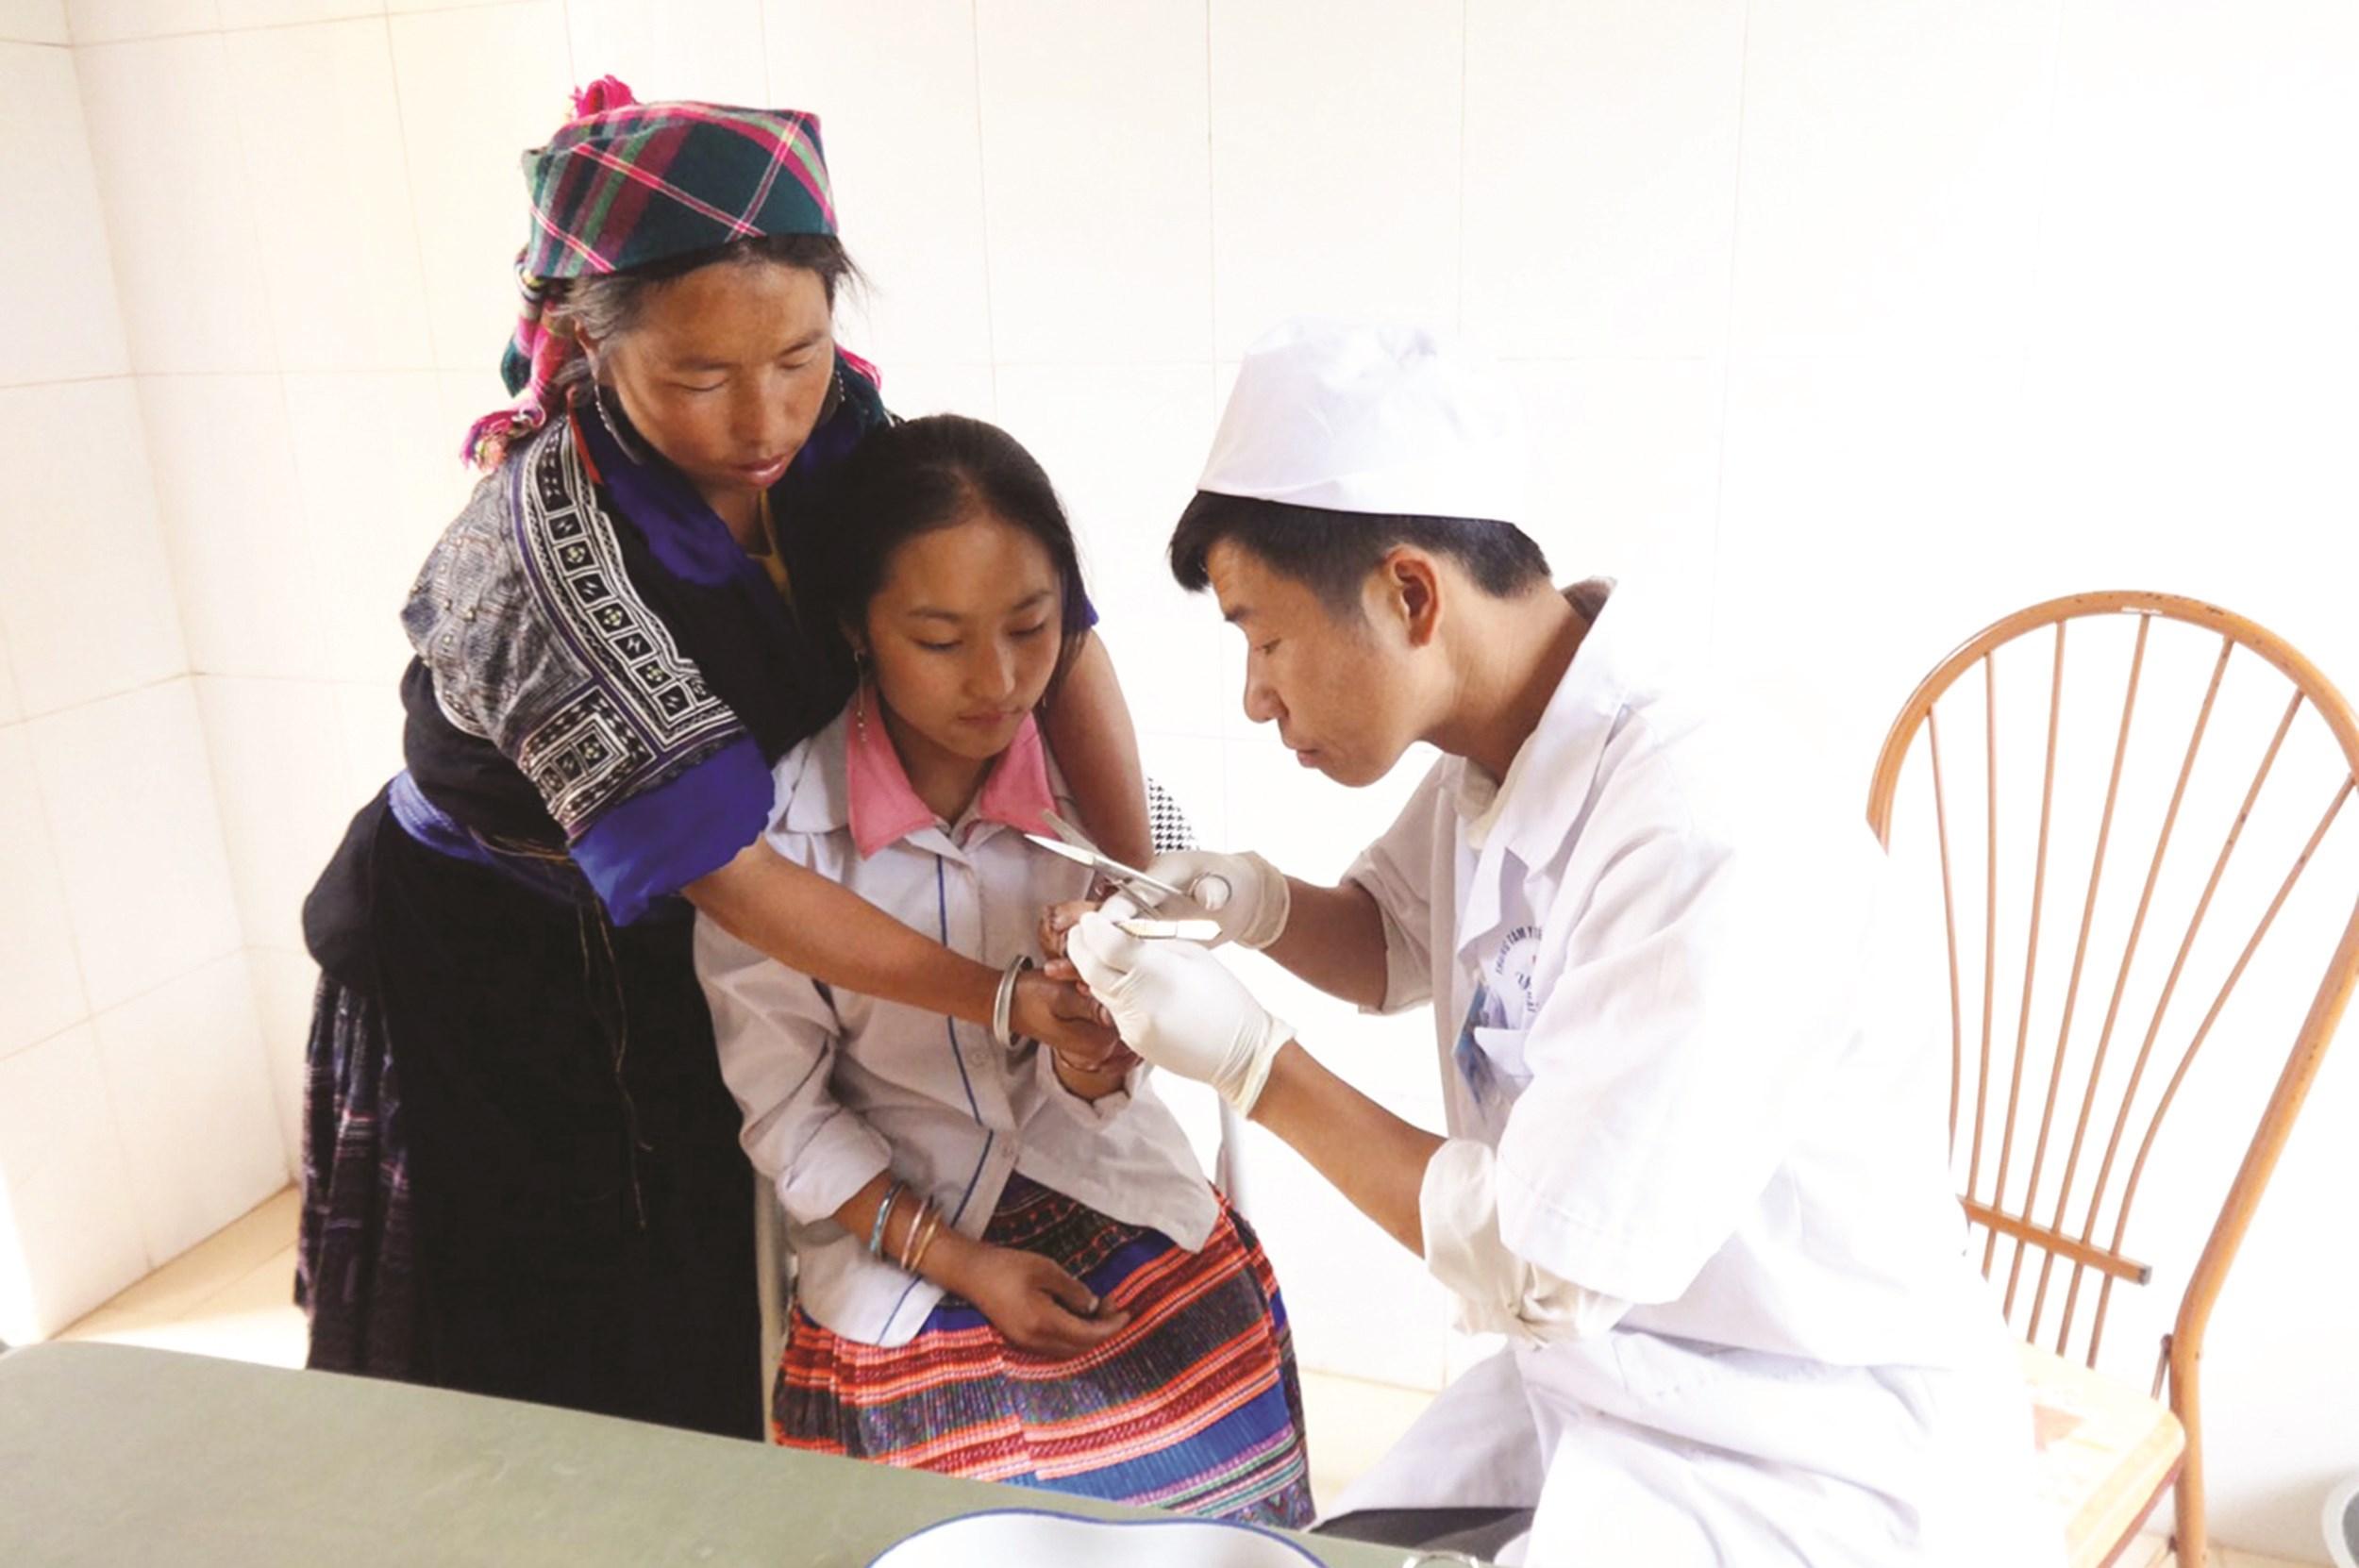 Cán bộ y tế cơ sở khám chữa bệnh cho bà con tại Trạm Y tế xã La Pán Tẩn